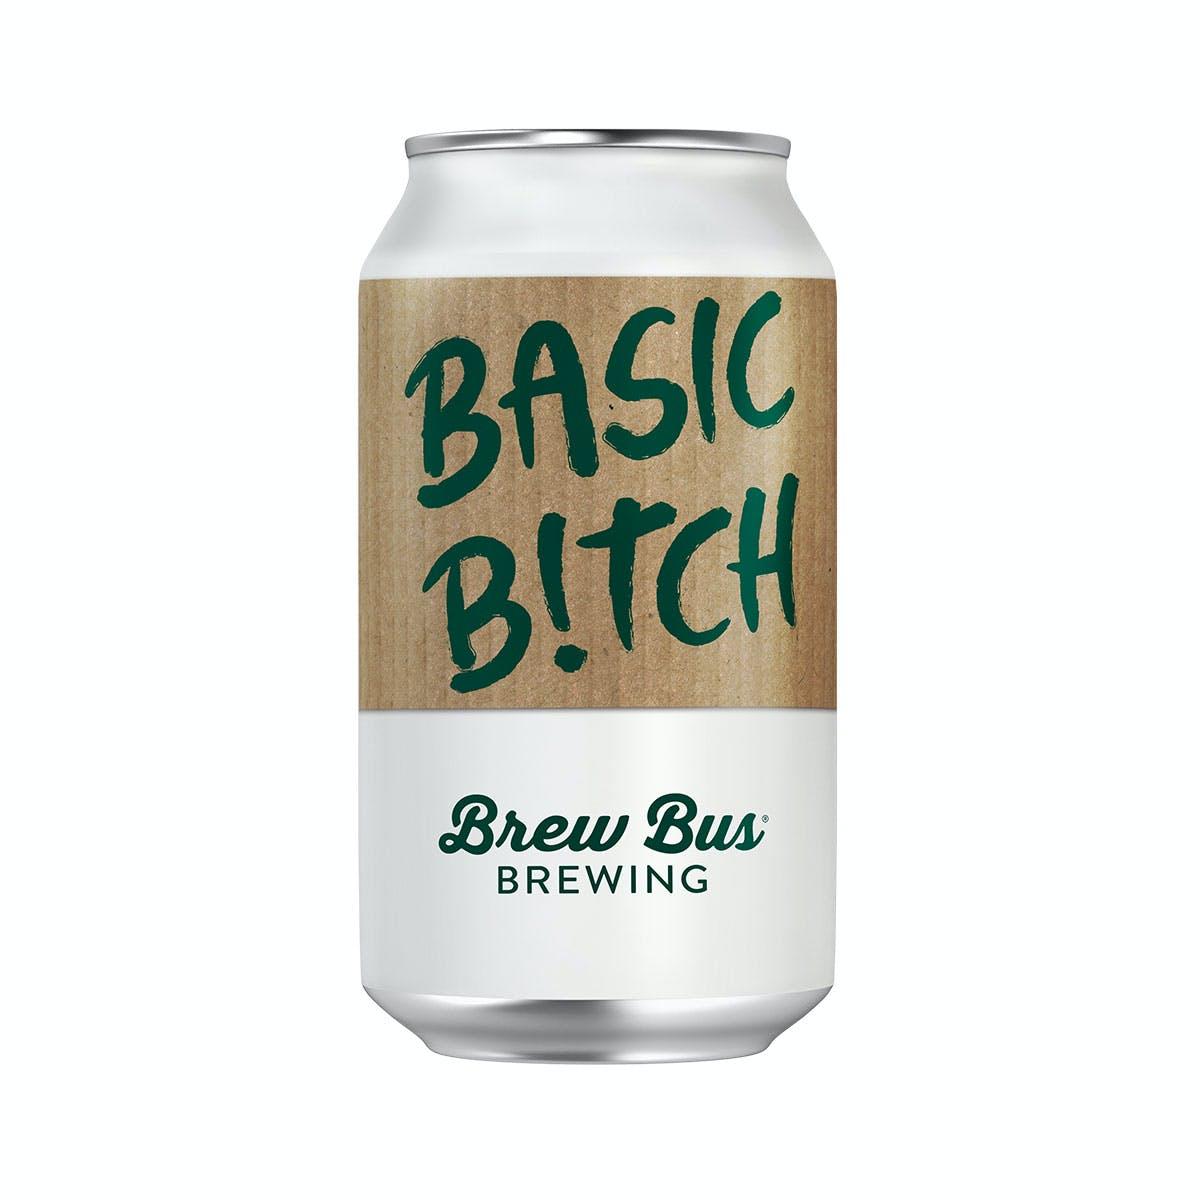 Basic B Tch Brew Bus